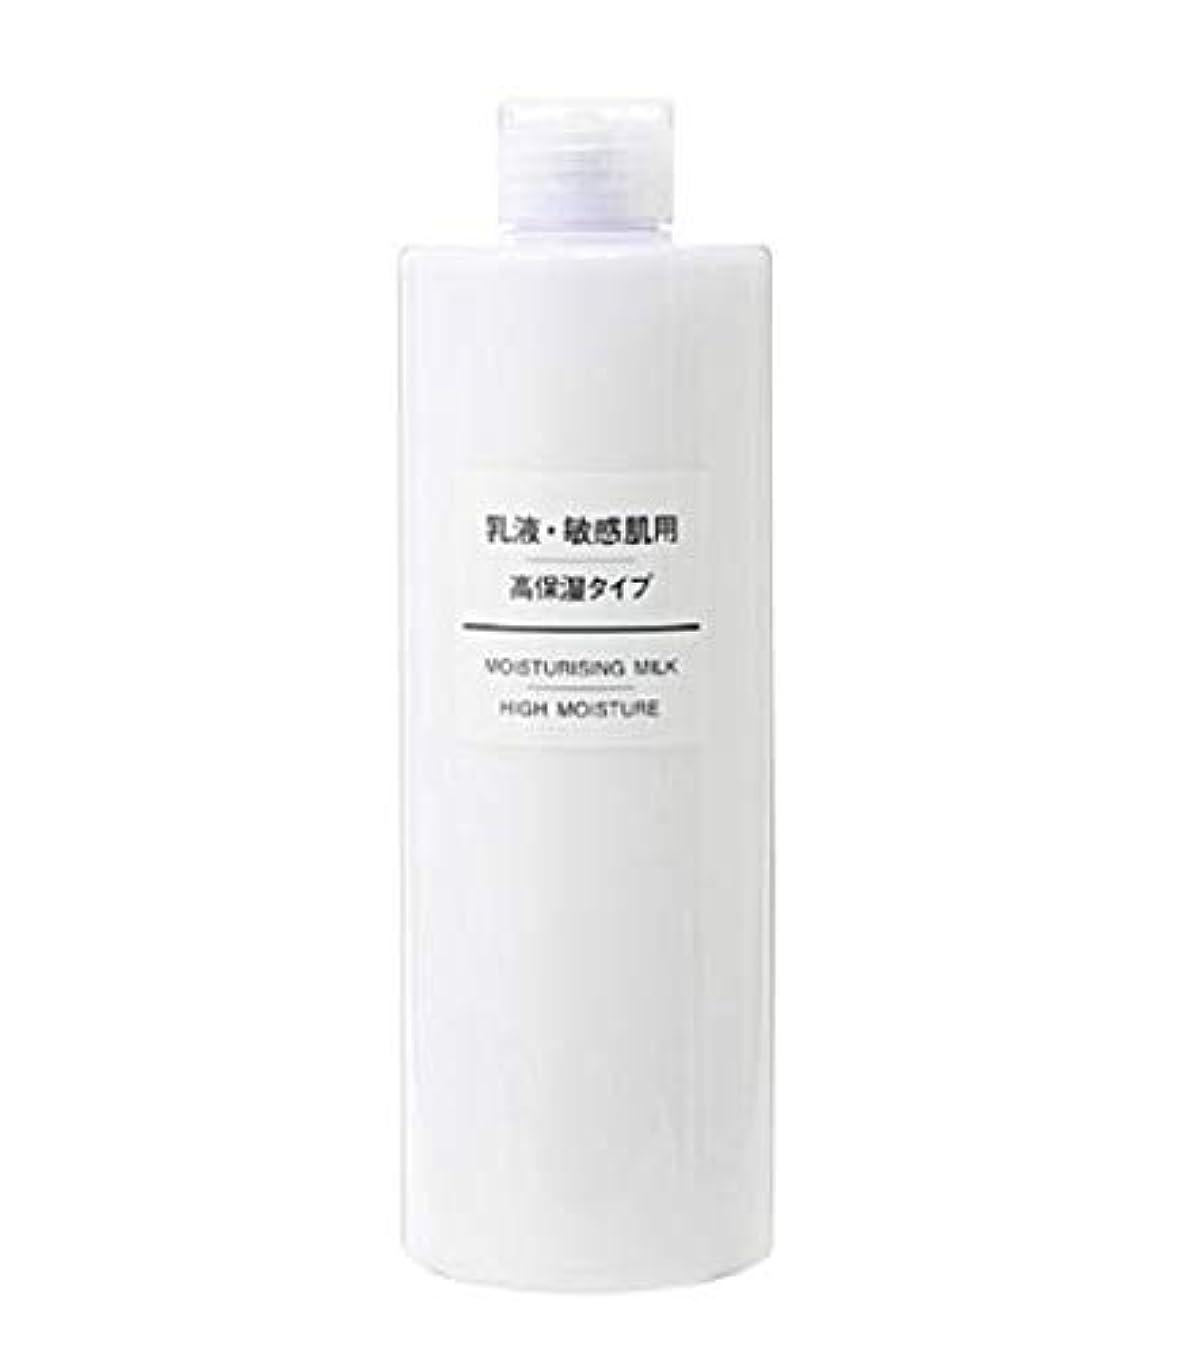 ステレオセーター夢中無印良品 乳液 敏感肌用 高保湿タイプ (大容量) 400ml